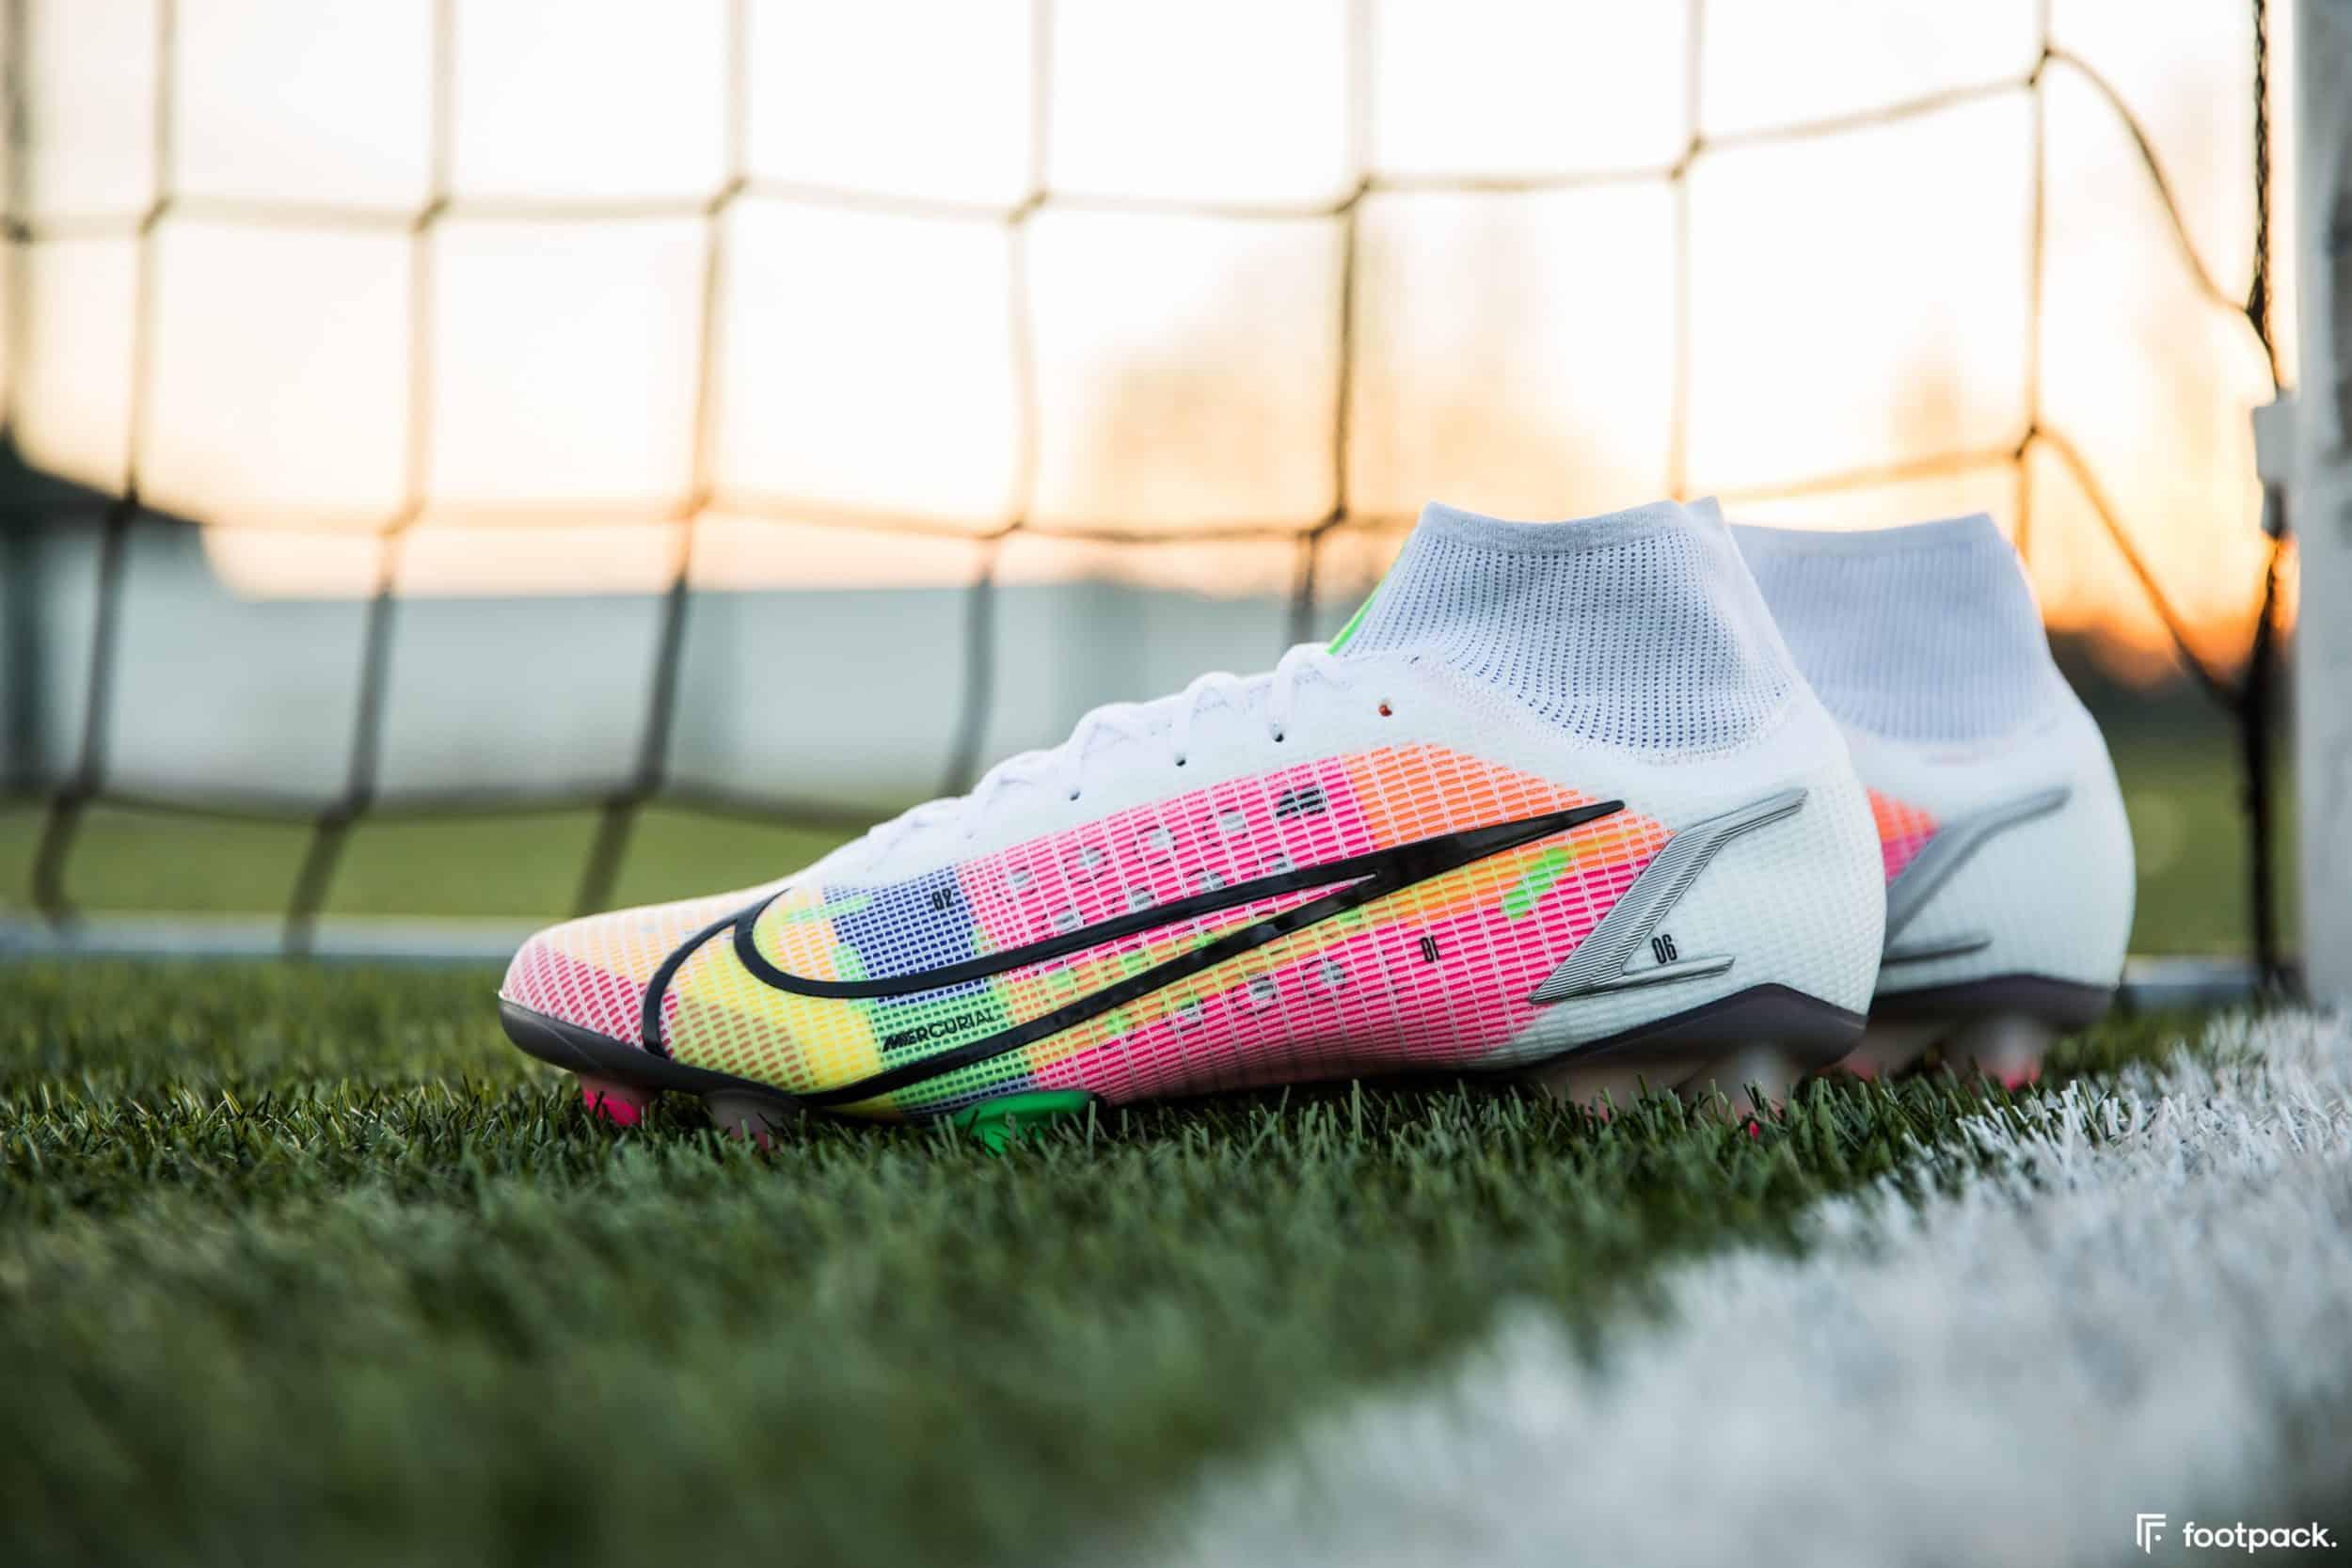 Mercurial Vapor 14 et Superfly 8, les nouveaux crampons Nike